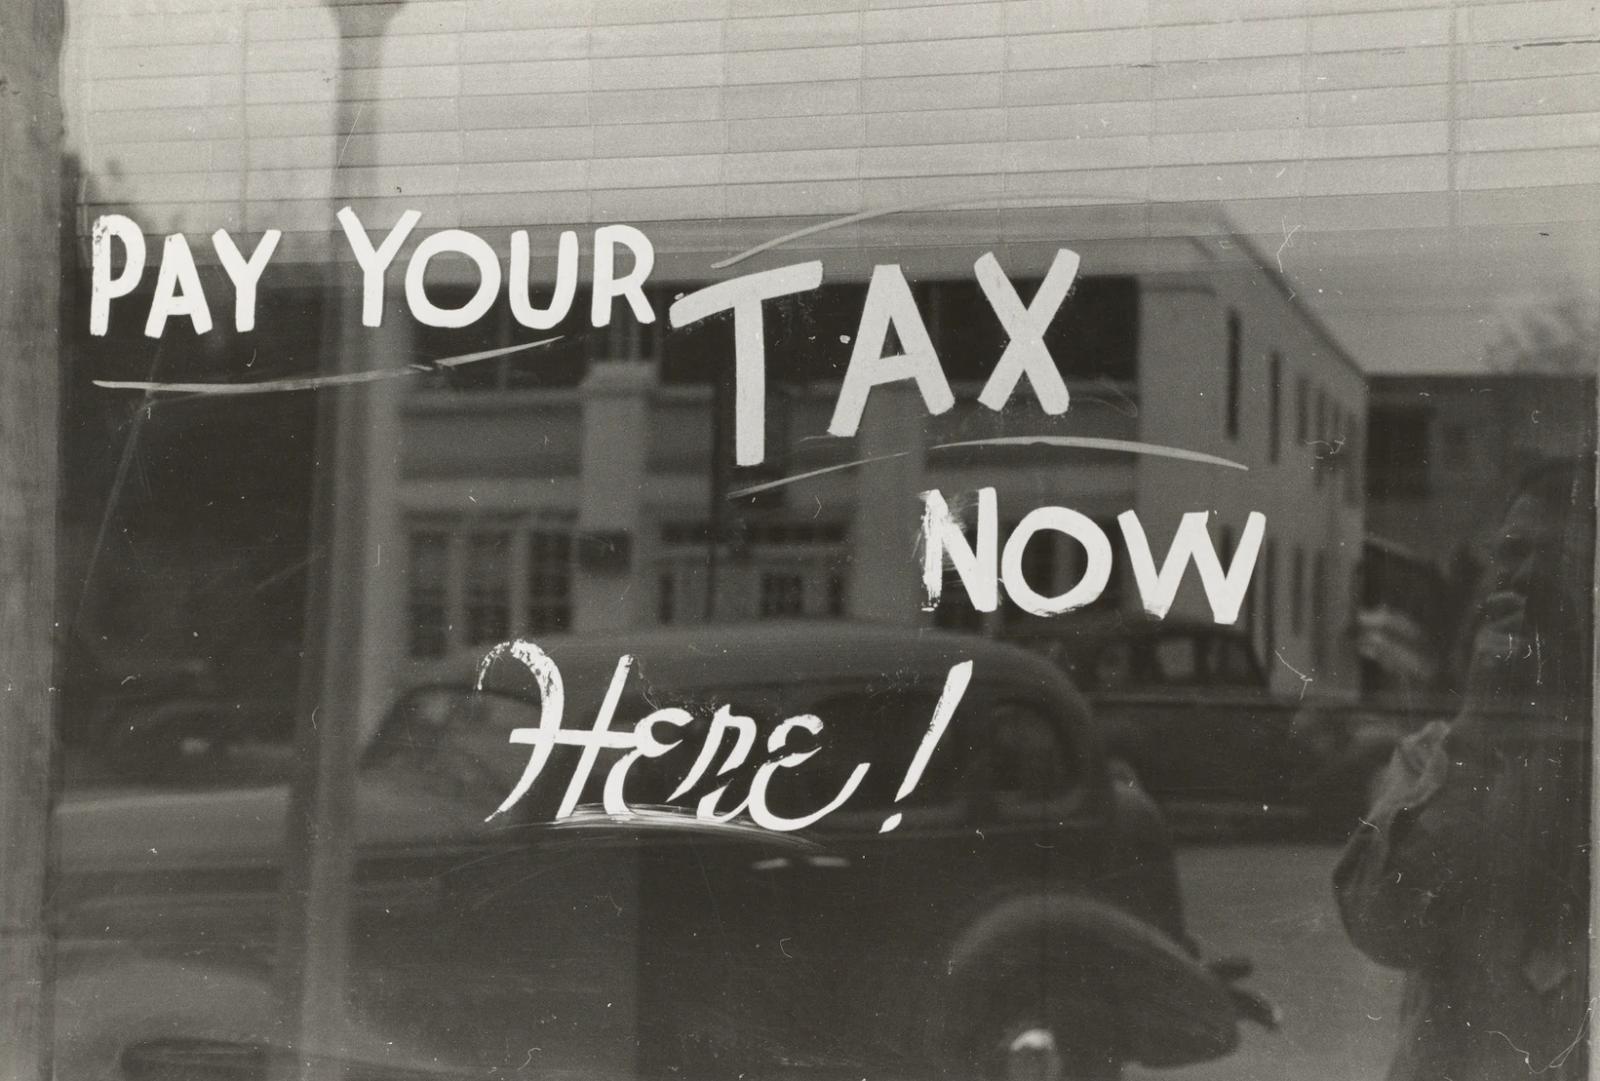 Разбор: как рассчитать налог на банковский вклад и о чем следует помнить - 1